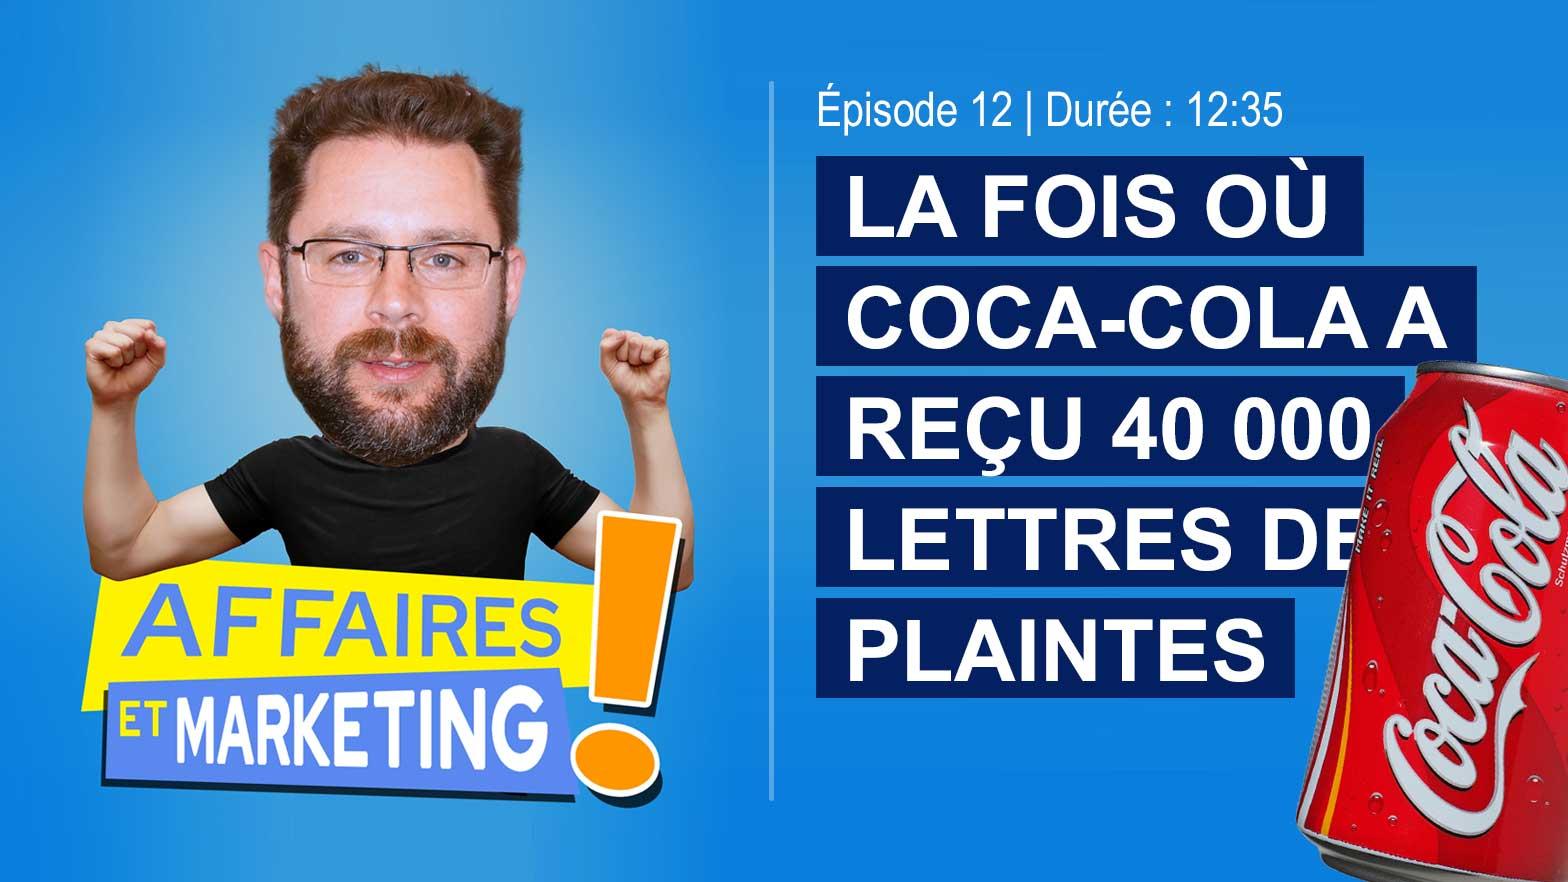 Podcast affaires et marketing - La fois où Coca-Cola a reçu 40 000 lettres de plaintes